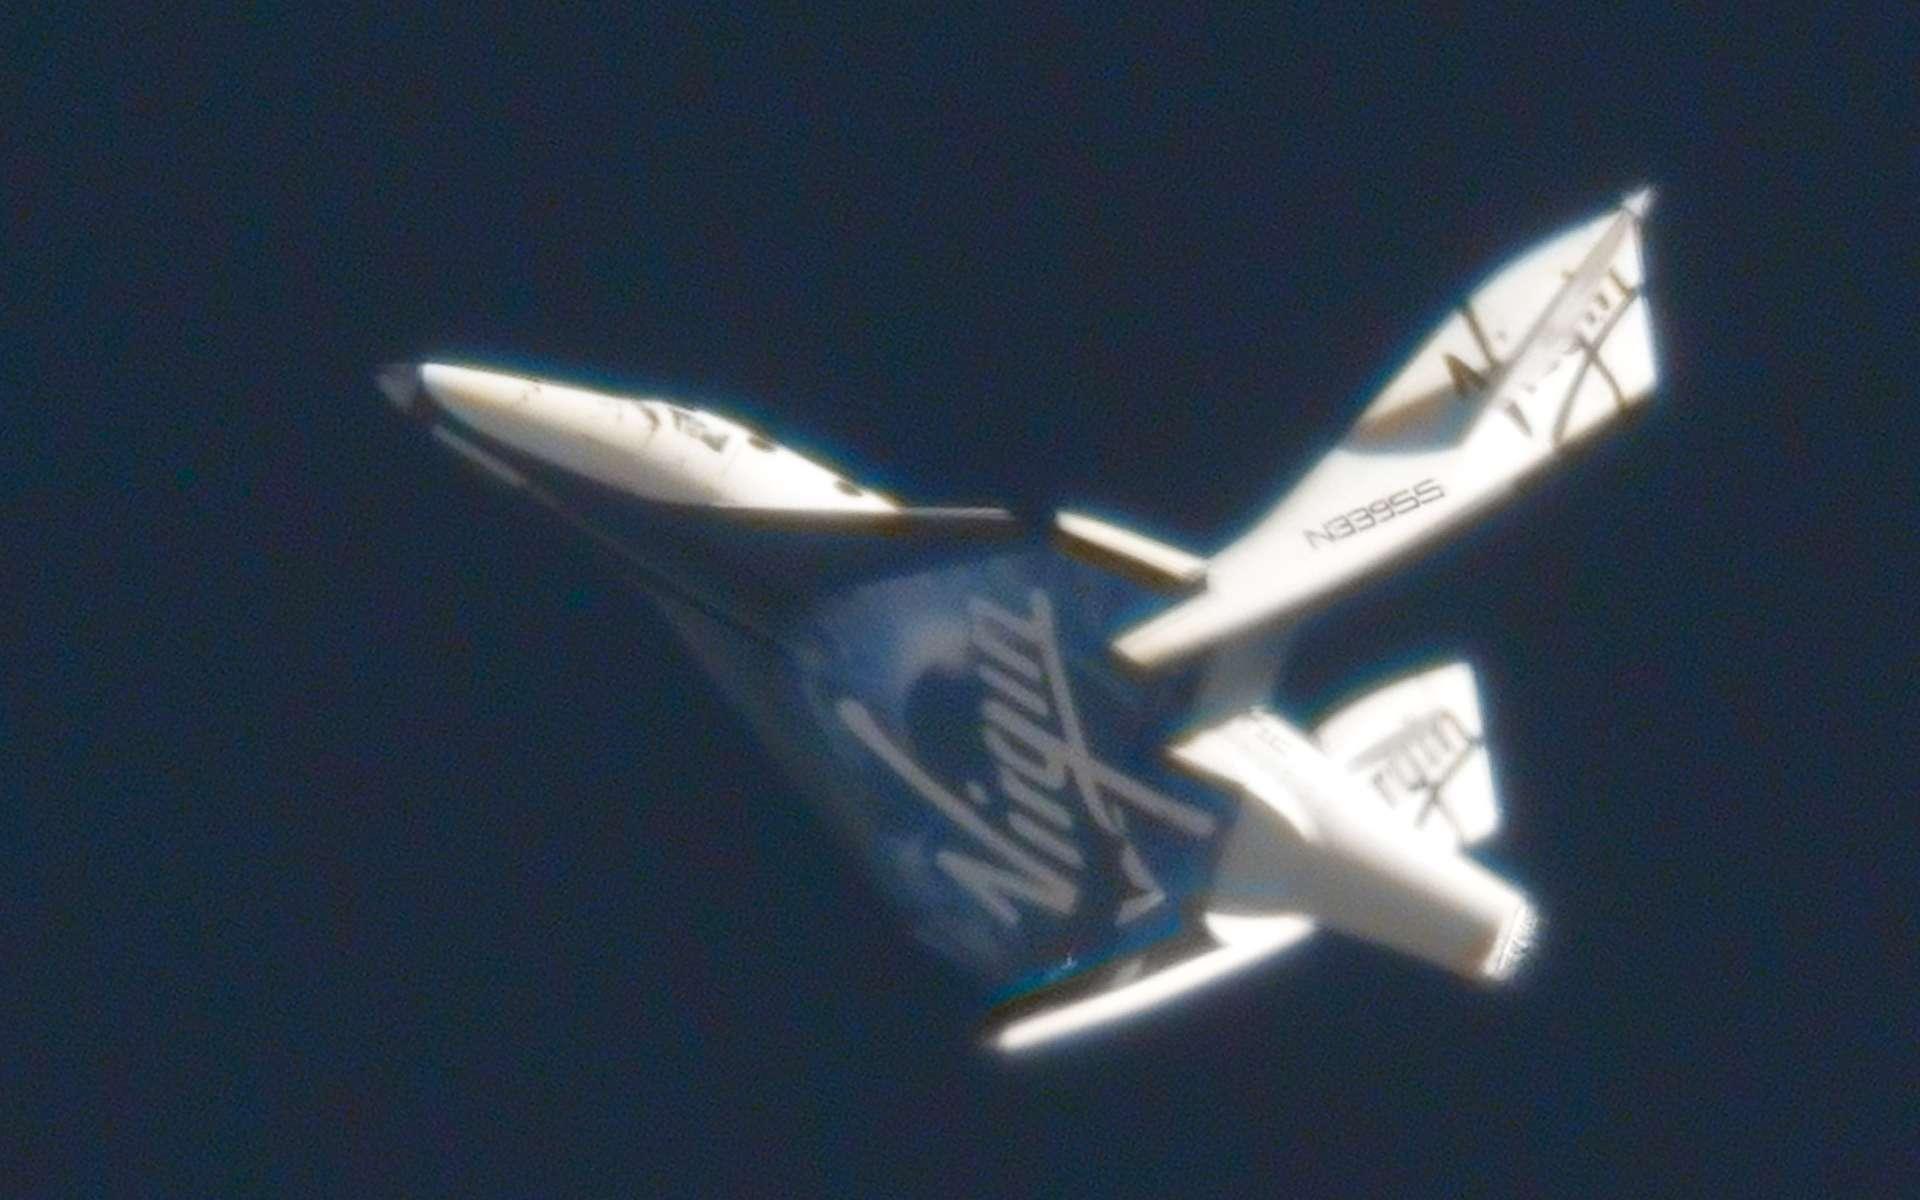 Les essais en vol se poursuivent avec succès selon un calendrier et des objectifs qui ne sont pas rendus publics. On sait juste que Virgin Galactic souhaite commencer son service en 2012. Cette photo a été prise le 4 mai dernier. Largué à 15,6 kilomètres d'altitude, SpaceShip Two a évolué en mode Feather, c'est-à-dire ailes repliées à 65° comme si l'engin revenait de l'espace. © Clay Center Observatory/Virgin Galactic